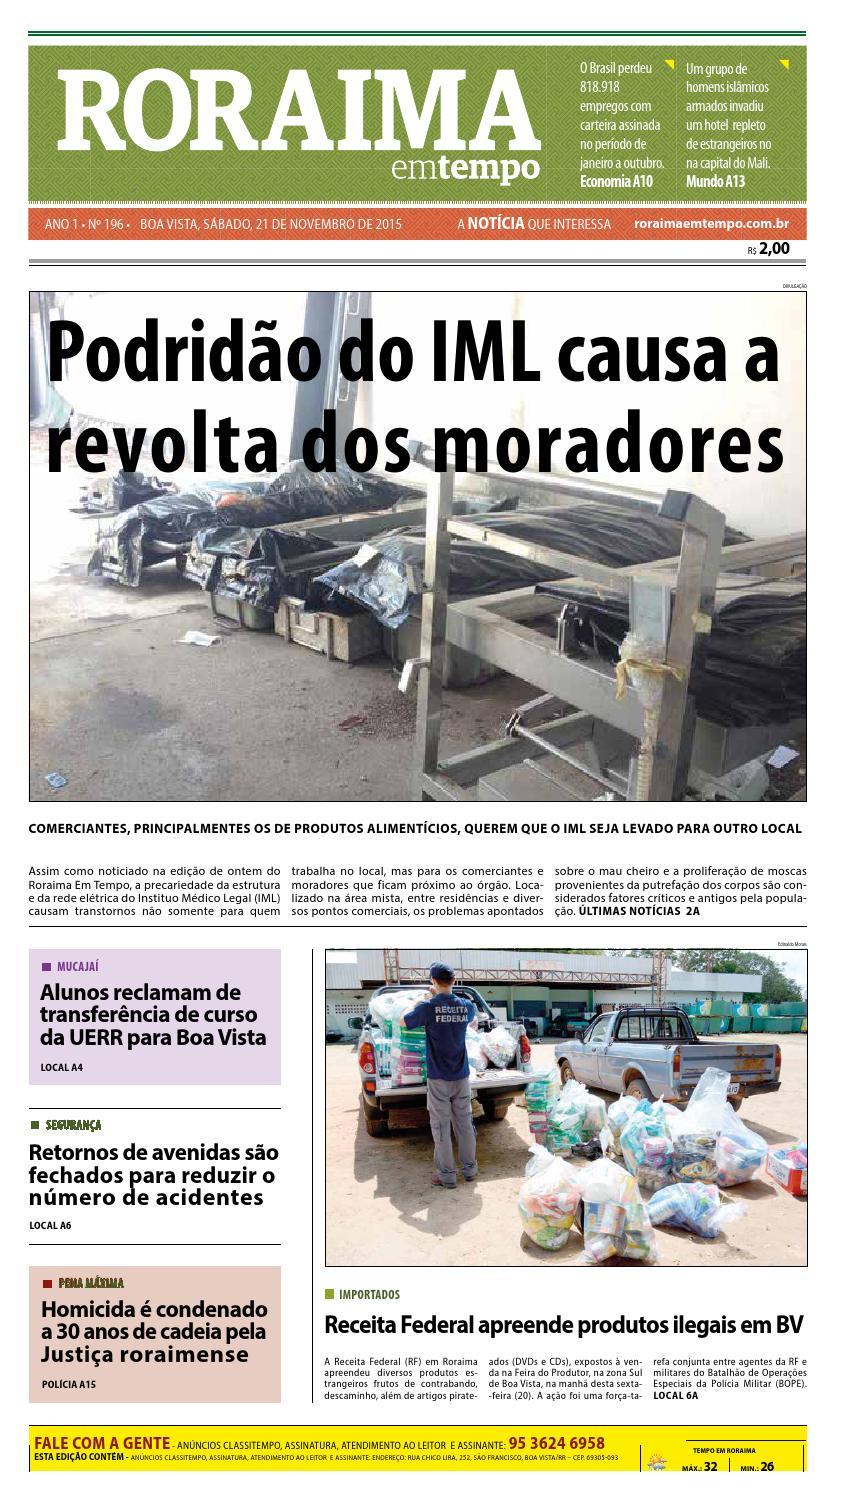 Jornal roraima em tempo – edição 196 – período de visualização gratuito by  RoraimaEmTempo - issuu 7577f221099b4